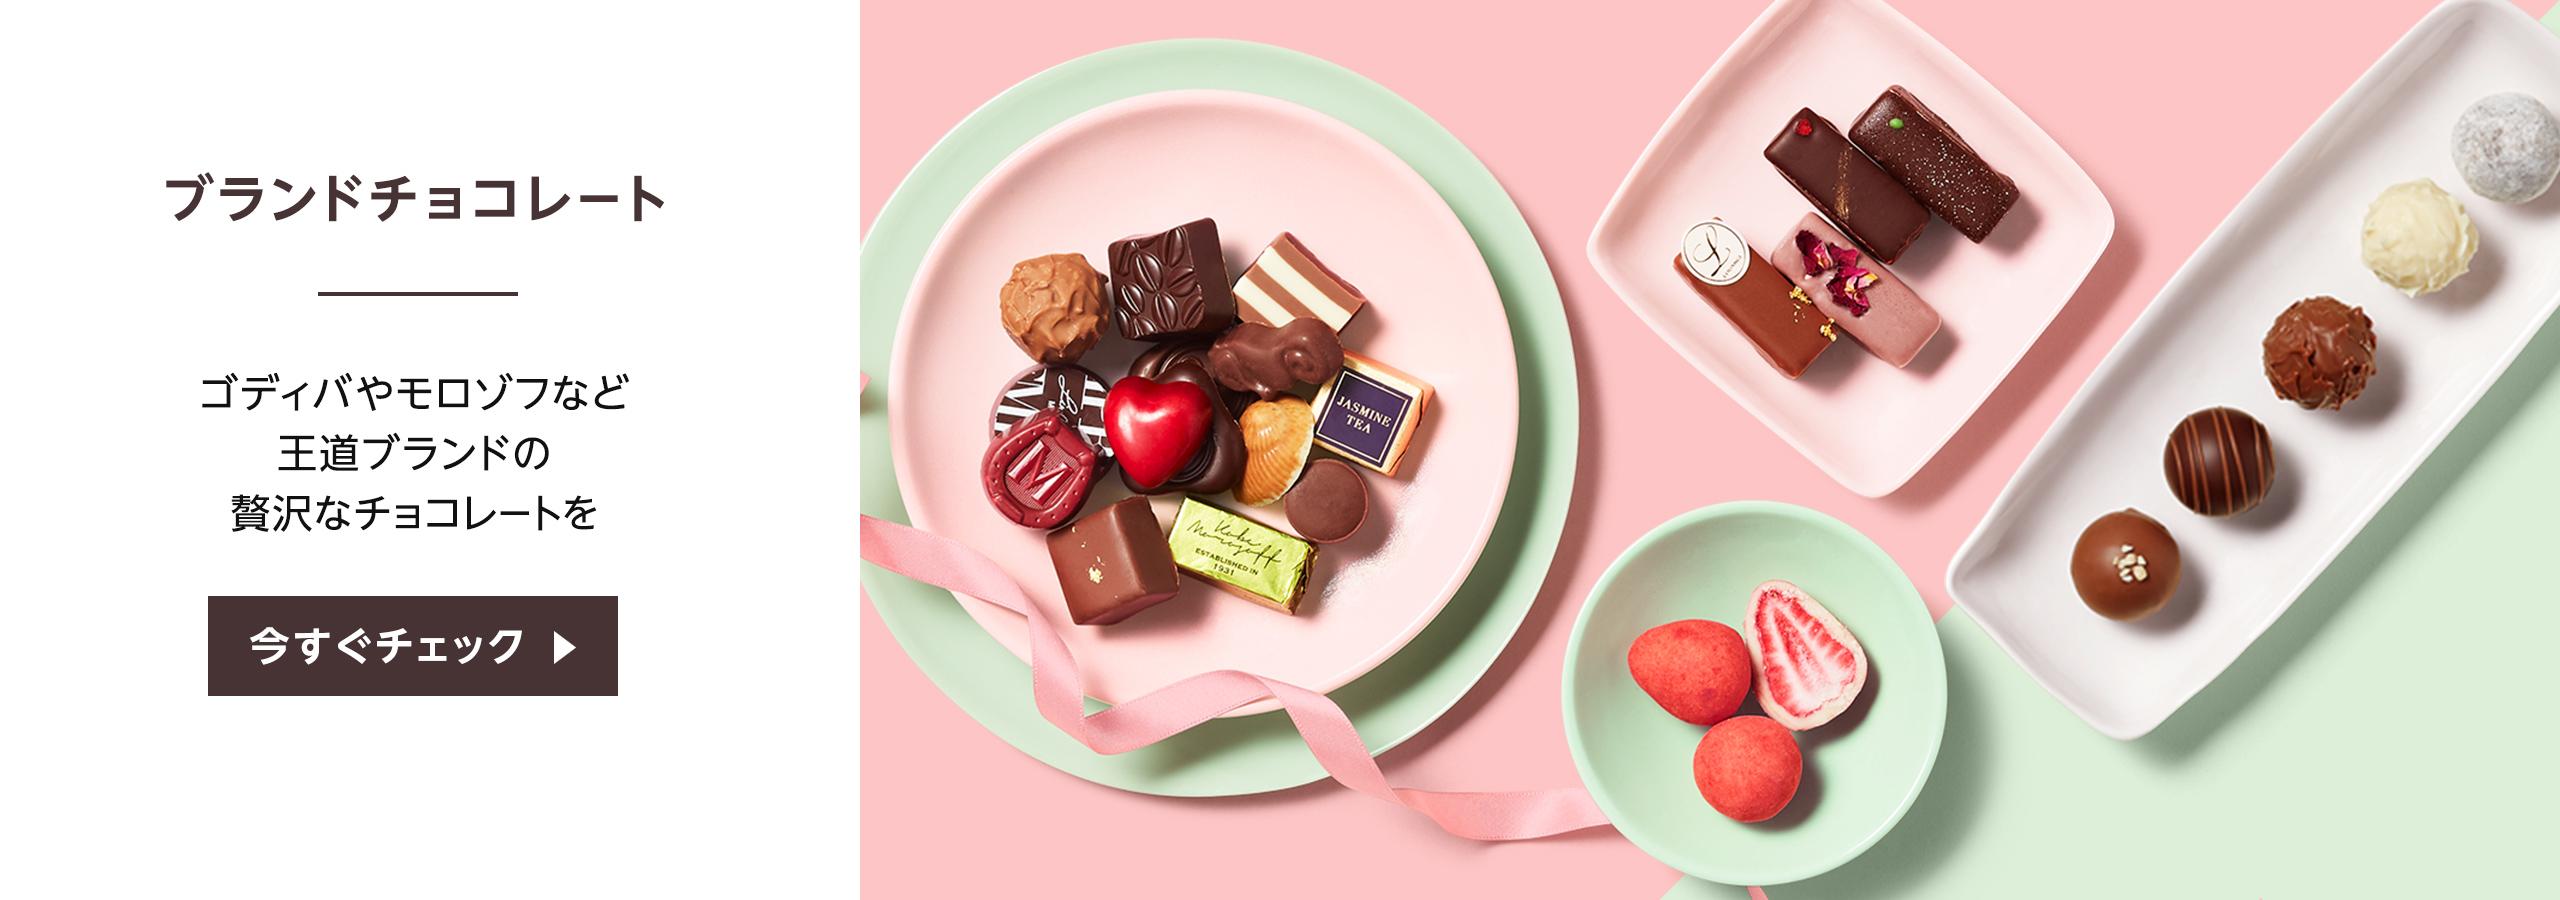 アマゾンでバレンタインデーチョコや洋菓子を4000円分以上まとめ買いで500ポイント還元中。利回り200%で男性への餌付けが捗るな。~2/3。